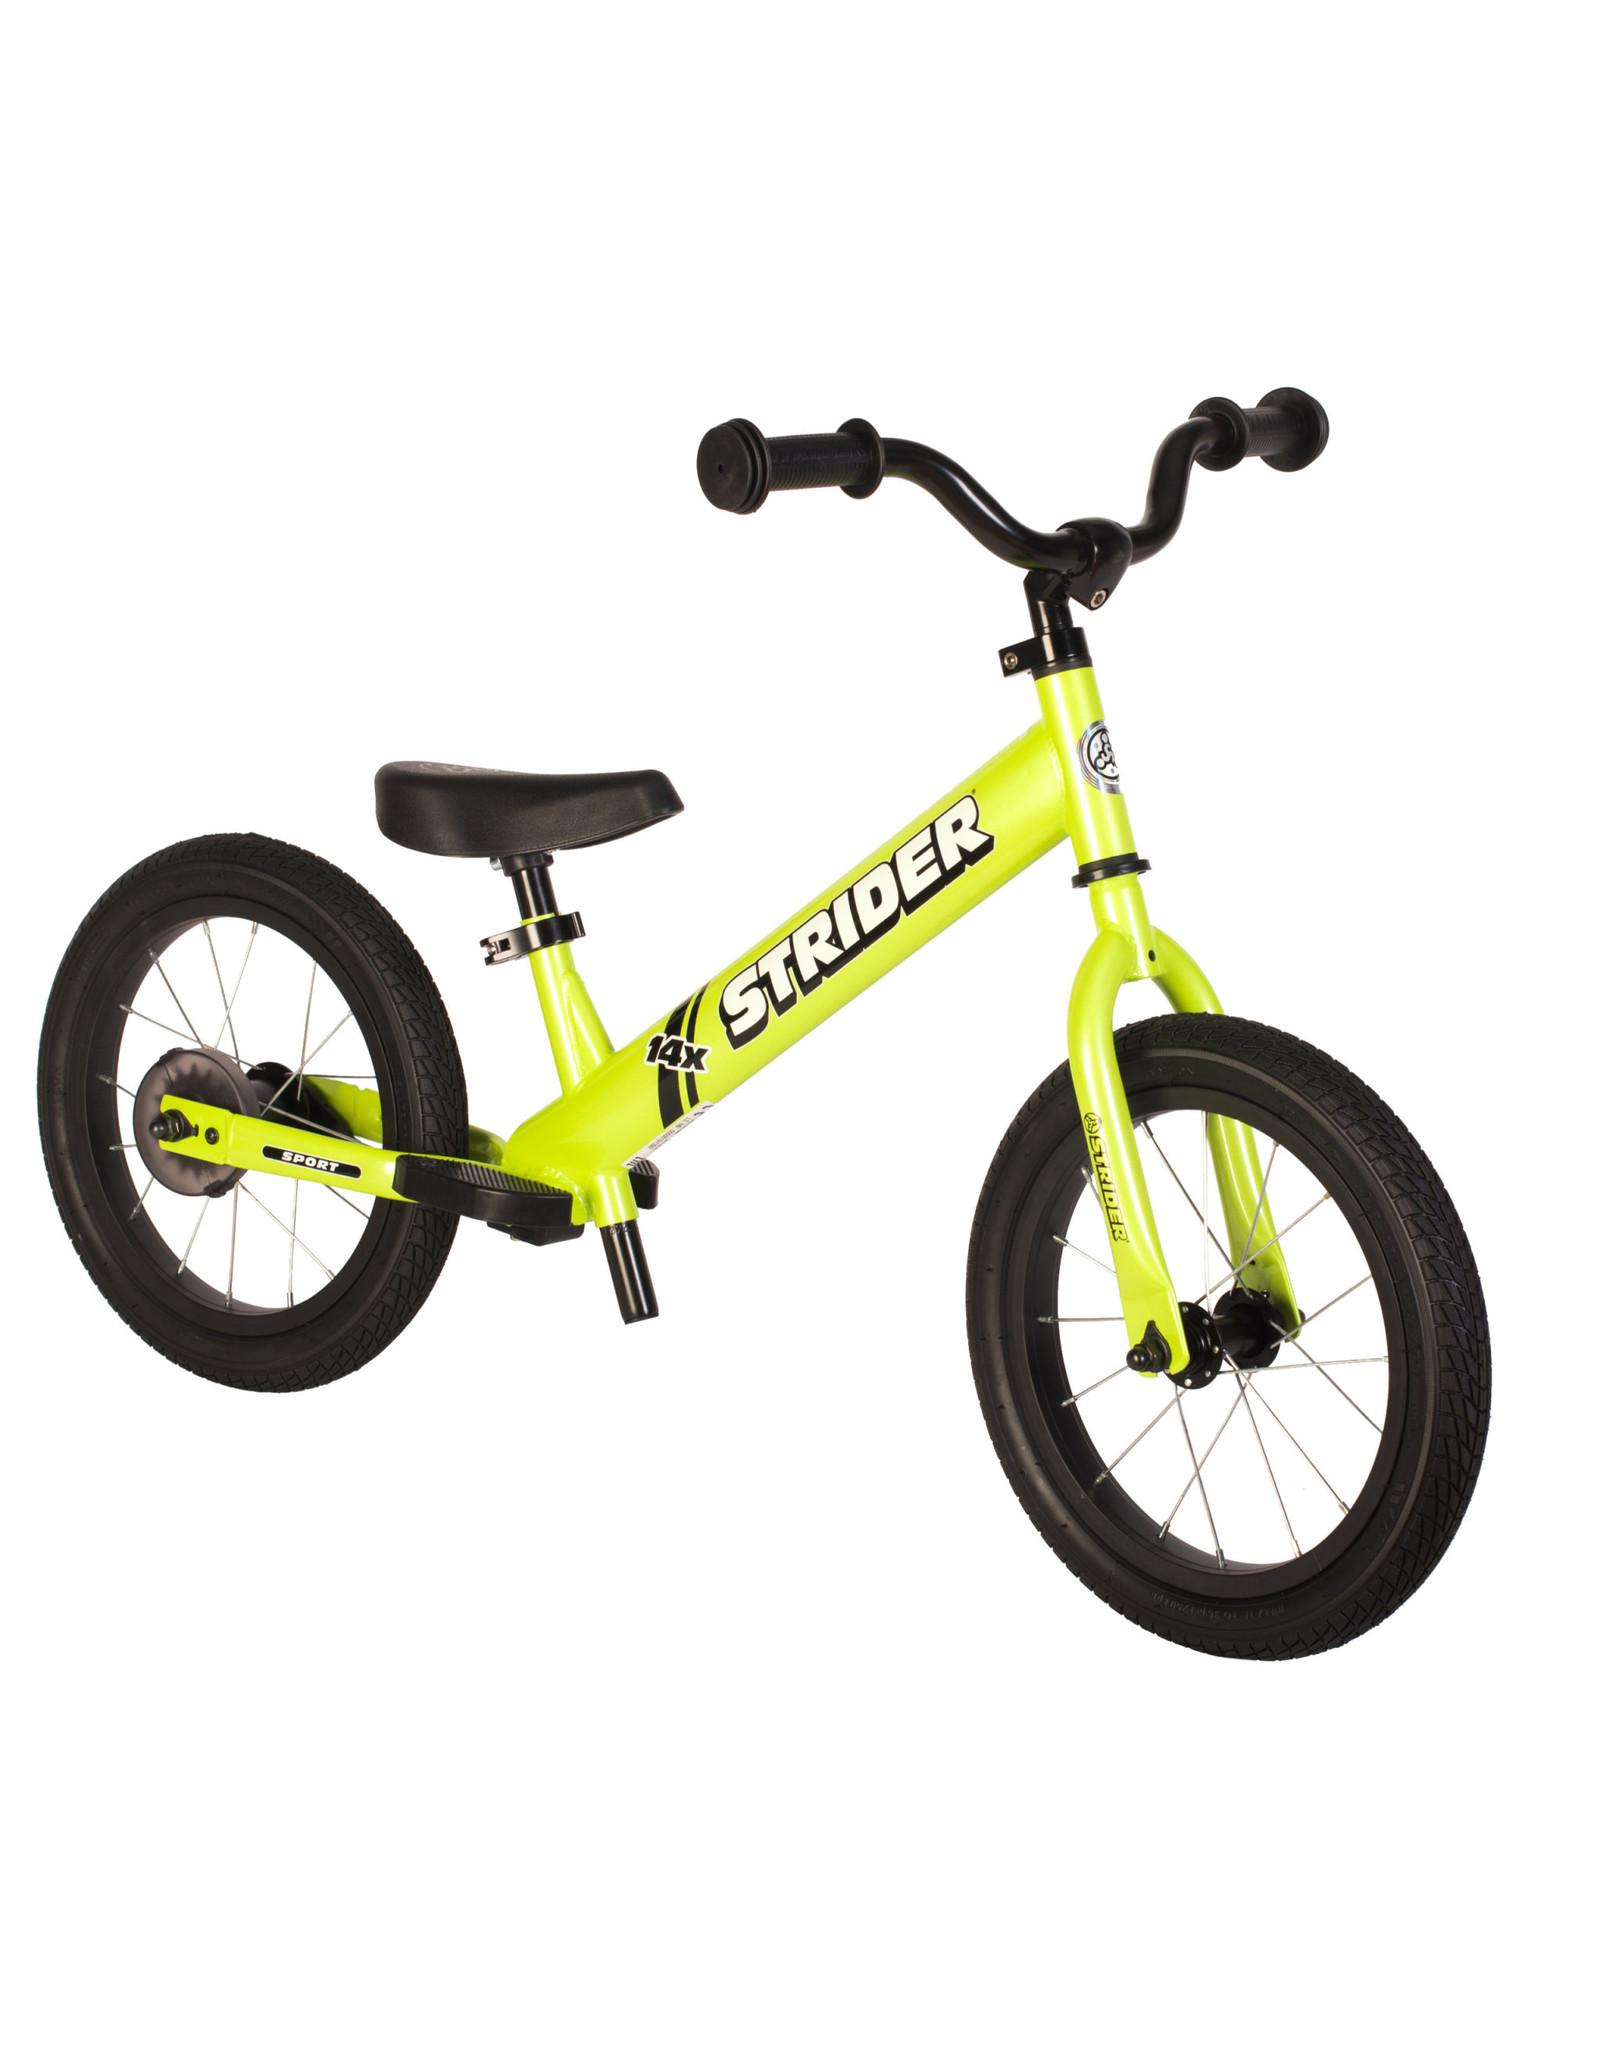 STRIDER Strider 14x Sport Balance Bike - Green 3-6 Years